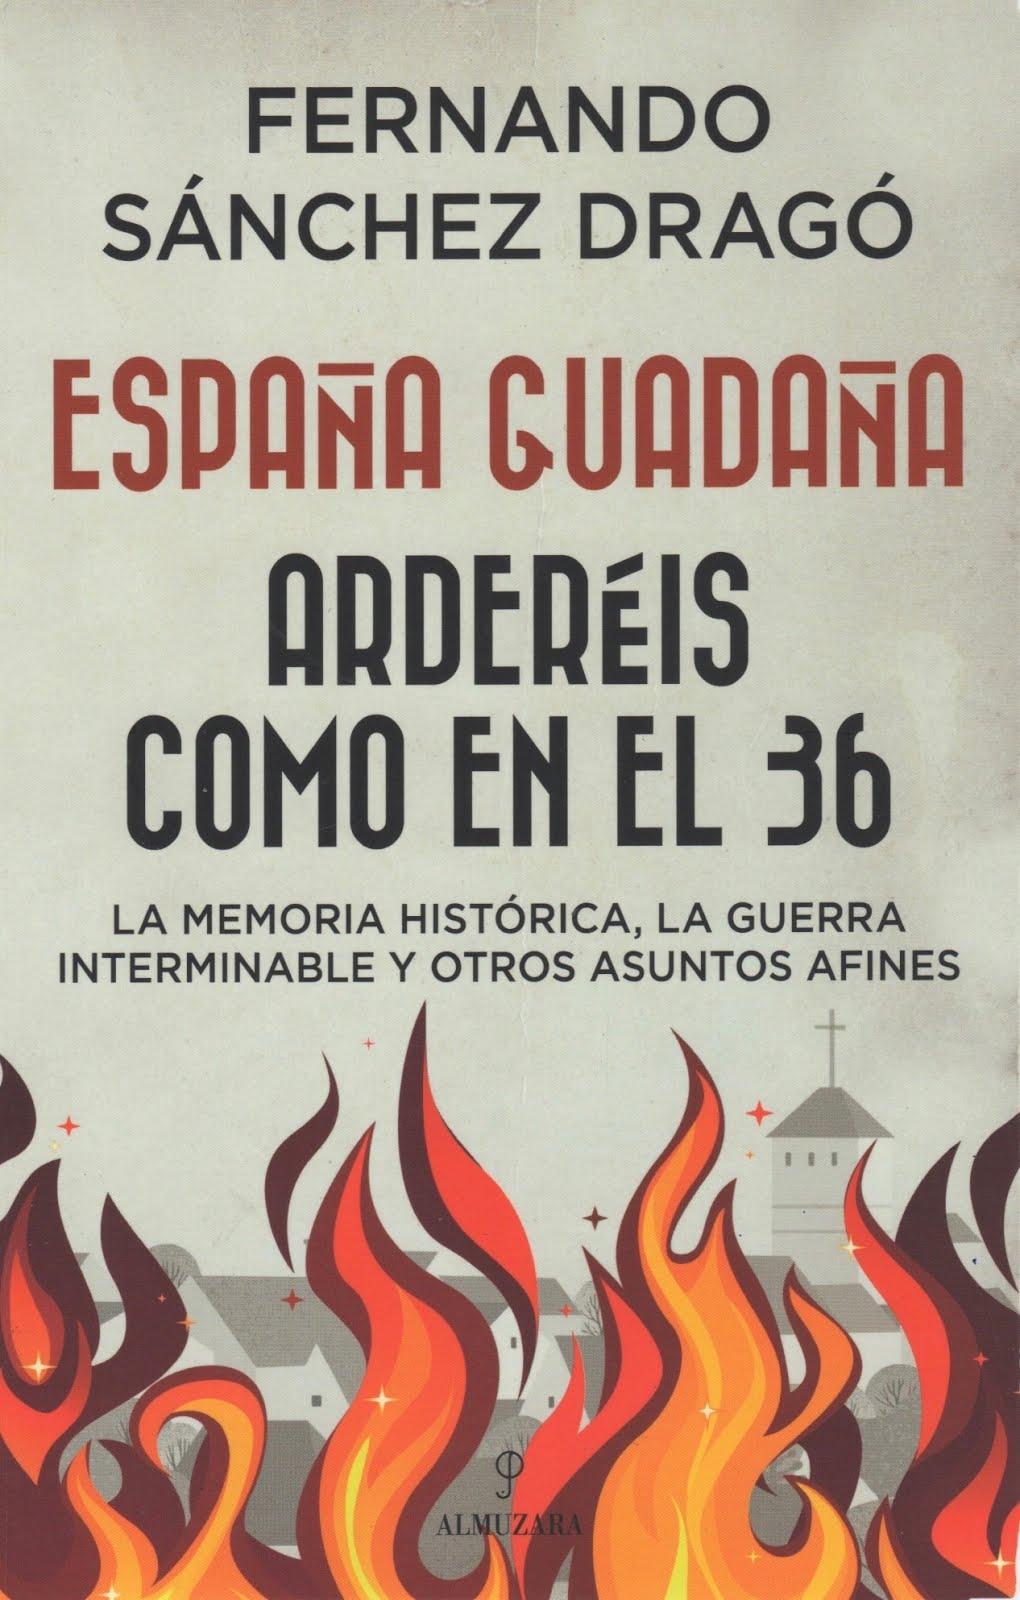 Fernando Sánchez Dragó (España Guadaña) Arderéis como en el 36 - La memoria histórica, la guerra...